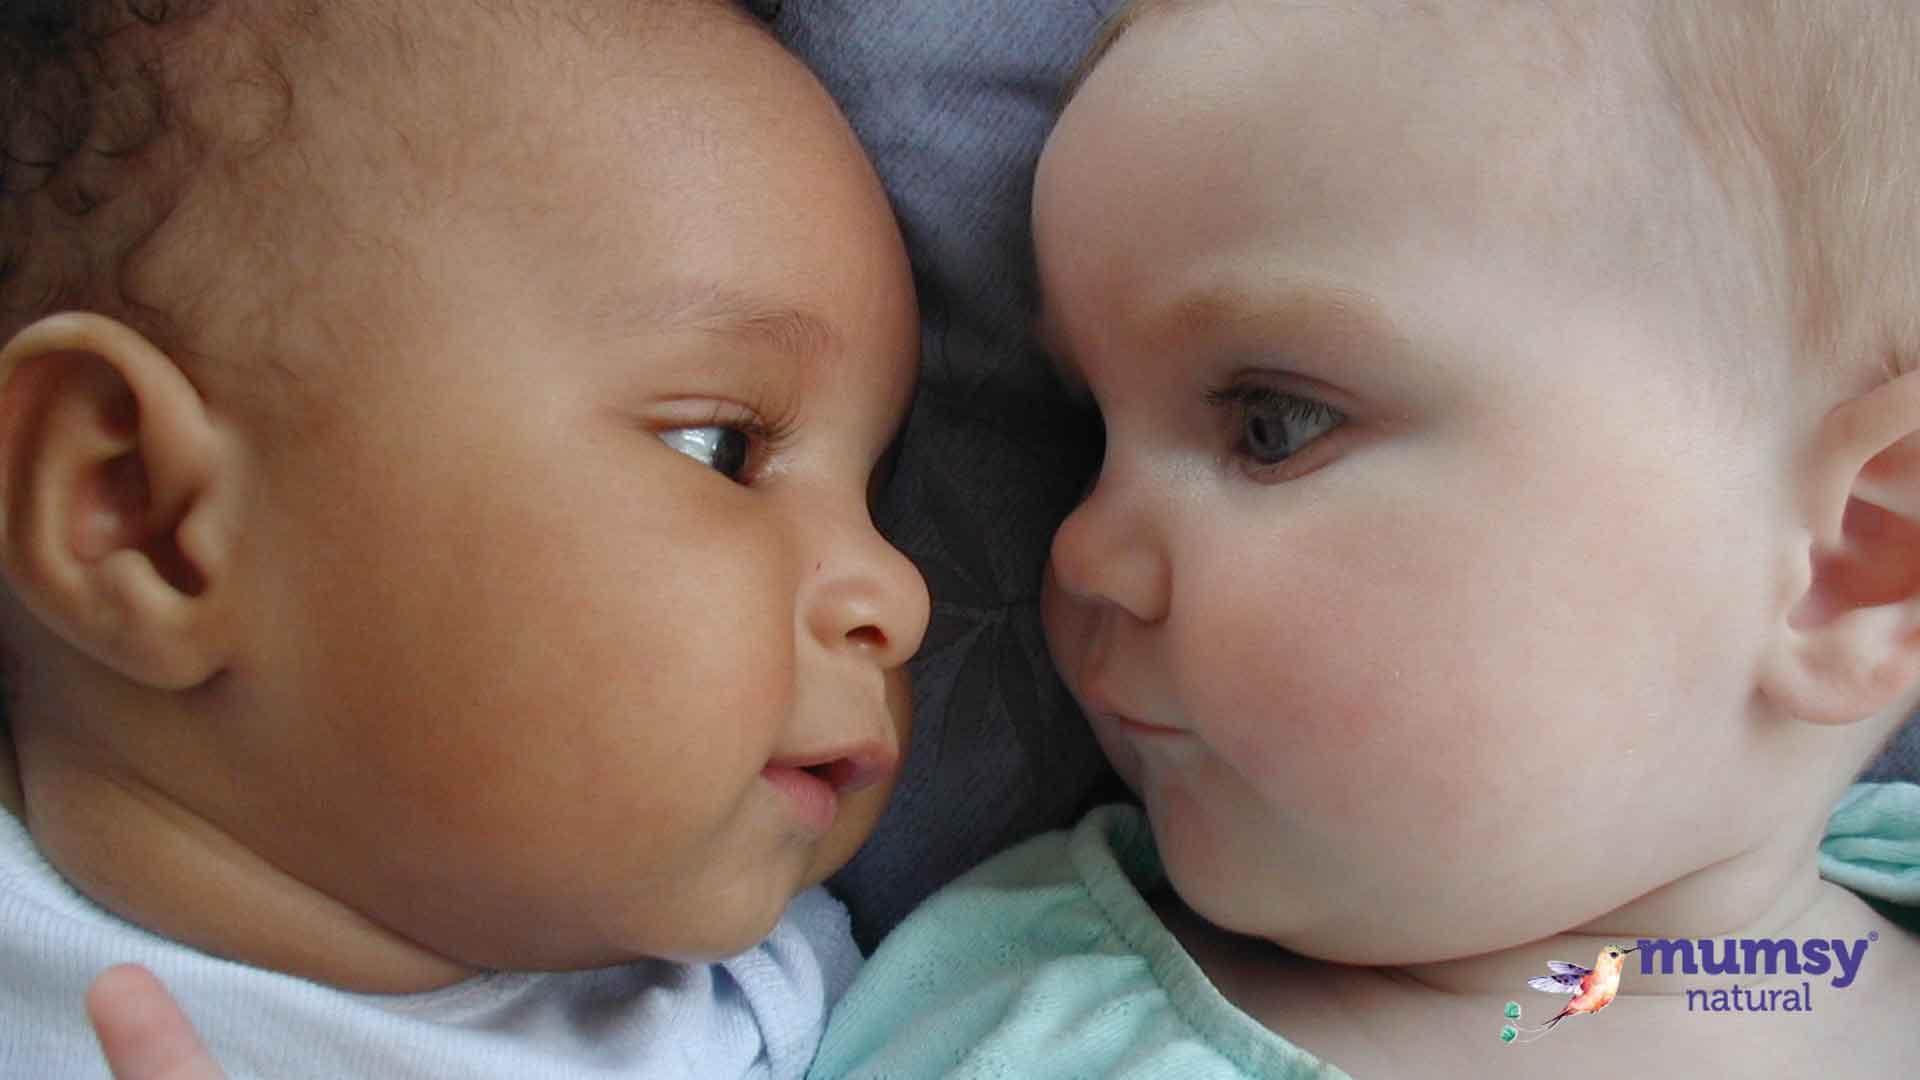 Mumsy Natural Anne sütü her bebeğin ihtiyacına özel m. natural 1 aylık bebek emzirme sıklığı 1 aylık bebek emzirme süresi 1 aylık bebek kaç saatte bir emzirilmeli 1 aylık bebek ne sıklıkta emzirilmeli 1 cc anne sütü kaç kalori 1 ml anne sütü kaç kalori 1 yaş anne sütü 1 yaşında sadece anne sütü 1 yaşındaki bebek anne sütüyle doyar mı 1 yaşından sonra anne sütü ne kadar verilmeli 1 yaşından sonra anne sütünün faydası varmı 1 yaştan sonra anne sütü 1 yıl sadece anne sütü 10 günlük bebek kaç saatte bir emzirilmeli 2 aylık bebeği kaç saatte bir emzirilir 2 aylık bebeği kaç saatte bir emzirilir 1 2 aylık bebek anne sütü almıyorsa 2 aylık bebek anne sütü miktarı 2 aylık bebek emzirme sıklığı 2 aylık bebek emzirme süresi 2 aylık bebek ne kadar emmeli 2 yaş anne sütü 2 yaşına kadar anne sütü 2 yaşına kadar anne sütü kamu spotu 2 yaşında anne sütü 2 yaşından sonra anne sütü 2 yaşından sonra anne sütü haram mı 2 yıl anne sütü 2. el anne sütü sağma makinesi 20 günlük bebek emzirme 3 ay anne sütü 3 aylık anne sütü almayan bebek beslenmesi 3 aylık bebeğe anne sütünden başka ne verilir 3 aylık bebek anne sütü miktarı 3 aylik bebek emzirme araligi 3 aylık bebek emzirme süresi 3 yaş anne sütü 3 yaşında anne sütü 3. ayda anne sütü azalır mı 3. aydan sonra anne sütü artar mı 3.ayda anne sütü neden azalır 4 aydan sonra anne sütü artar mı 4 aydan sonra anne sütü azalır mı 4 aylık anne sütü almayan bebek beslenmesi 4 aylık bebeğe anne sütü yetmezse 4 aylık bebeğin anne sütü ihtiyacı 4 aylık bebek anne sütü almıyorsa 4 yaş anne sütü 4 yaşında anne sütü 4.ay anne sütü 4.ayda anne sütünün azalması 5 ayda anne sütü azalır mı 5 ayda anne sütünün azalması 5 aydan sonra anne sütü azalır mı 5 aylık bebeğe anne sütü ne kadar verilmeli 5 aylık bebeğin anne sütü ihtiyacı 5 aylık bebek anne sütü almıyorsa 5 aylık bebek anne sütü almıyorsa nasıl beslenmeli 5 aylık bebek anne sütüyle doyar mı 5 yaşına kadar anne sütü 5.ayda anne sütü 6 ay anne sütü 6 ay anne sütü önemli 6 aylık anne sütü alan bebek b